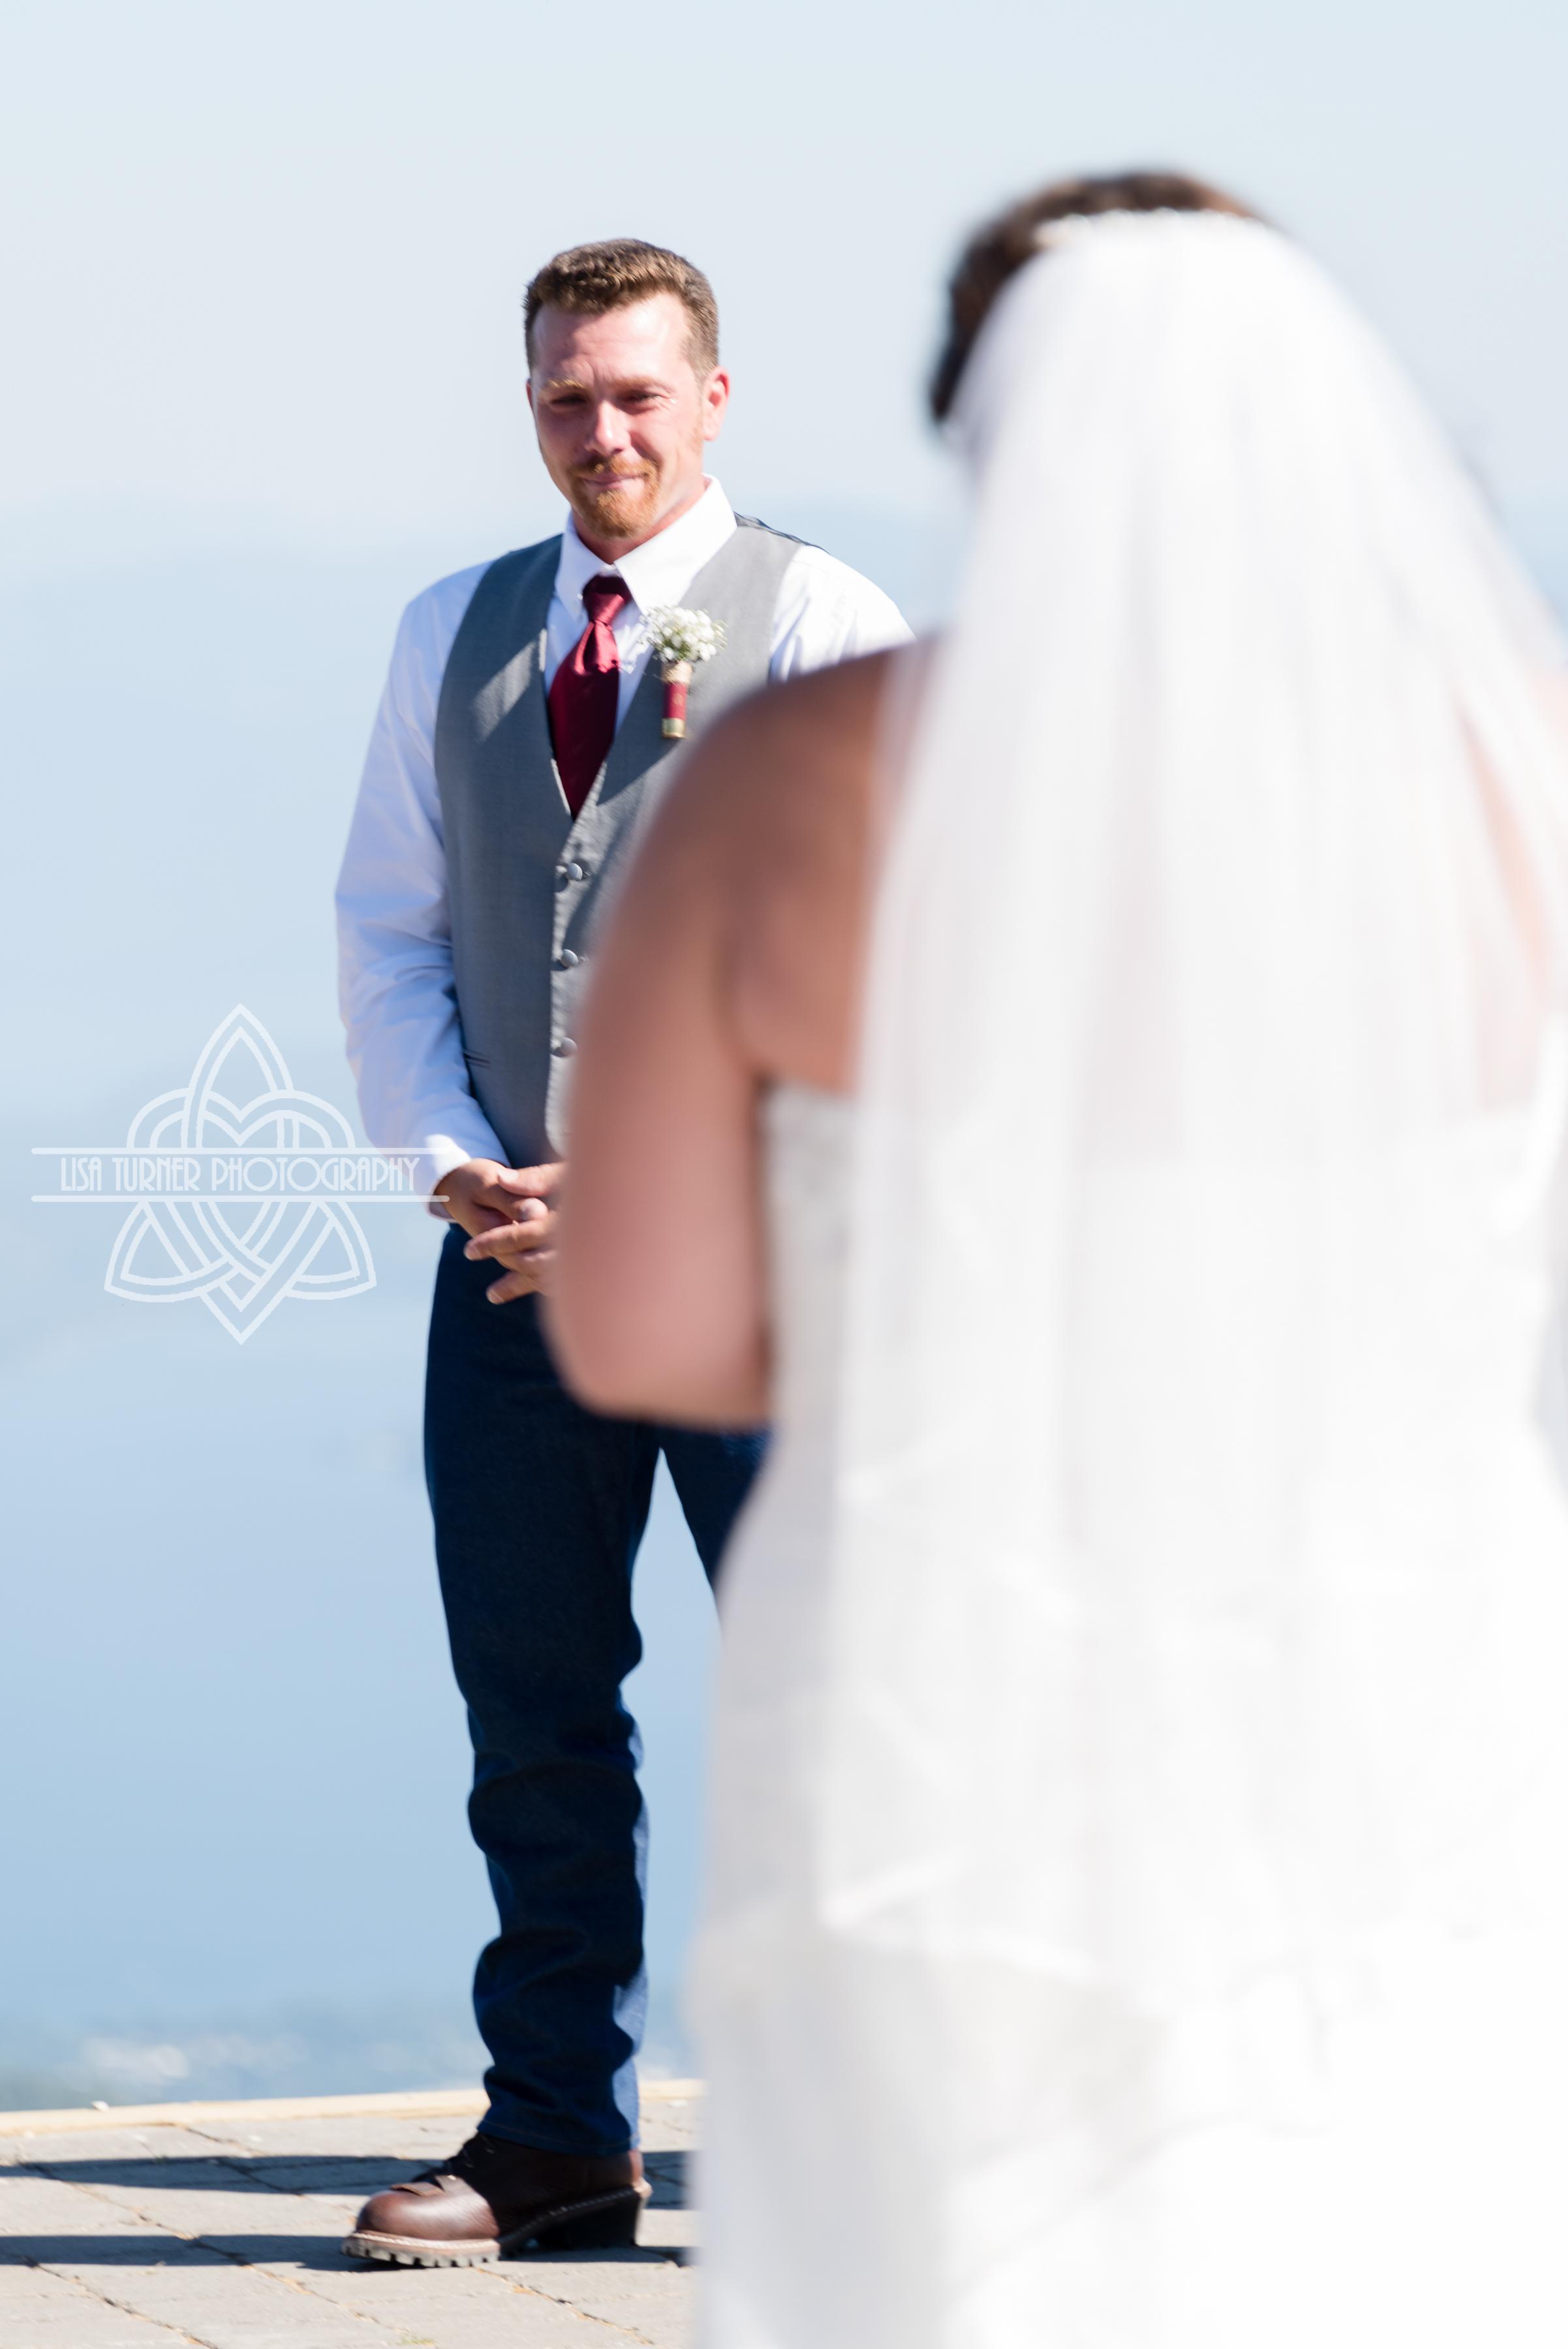 KJ wedding (1 of 3).jpg